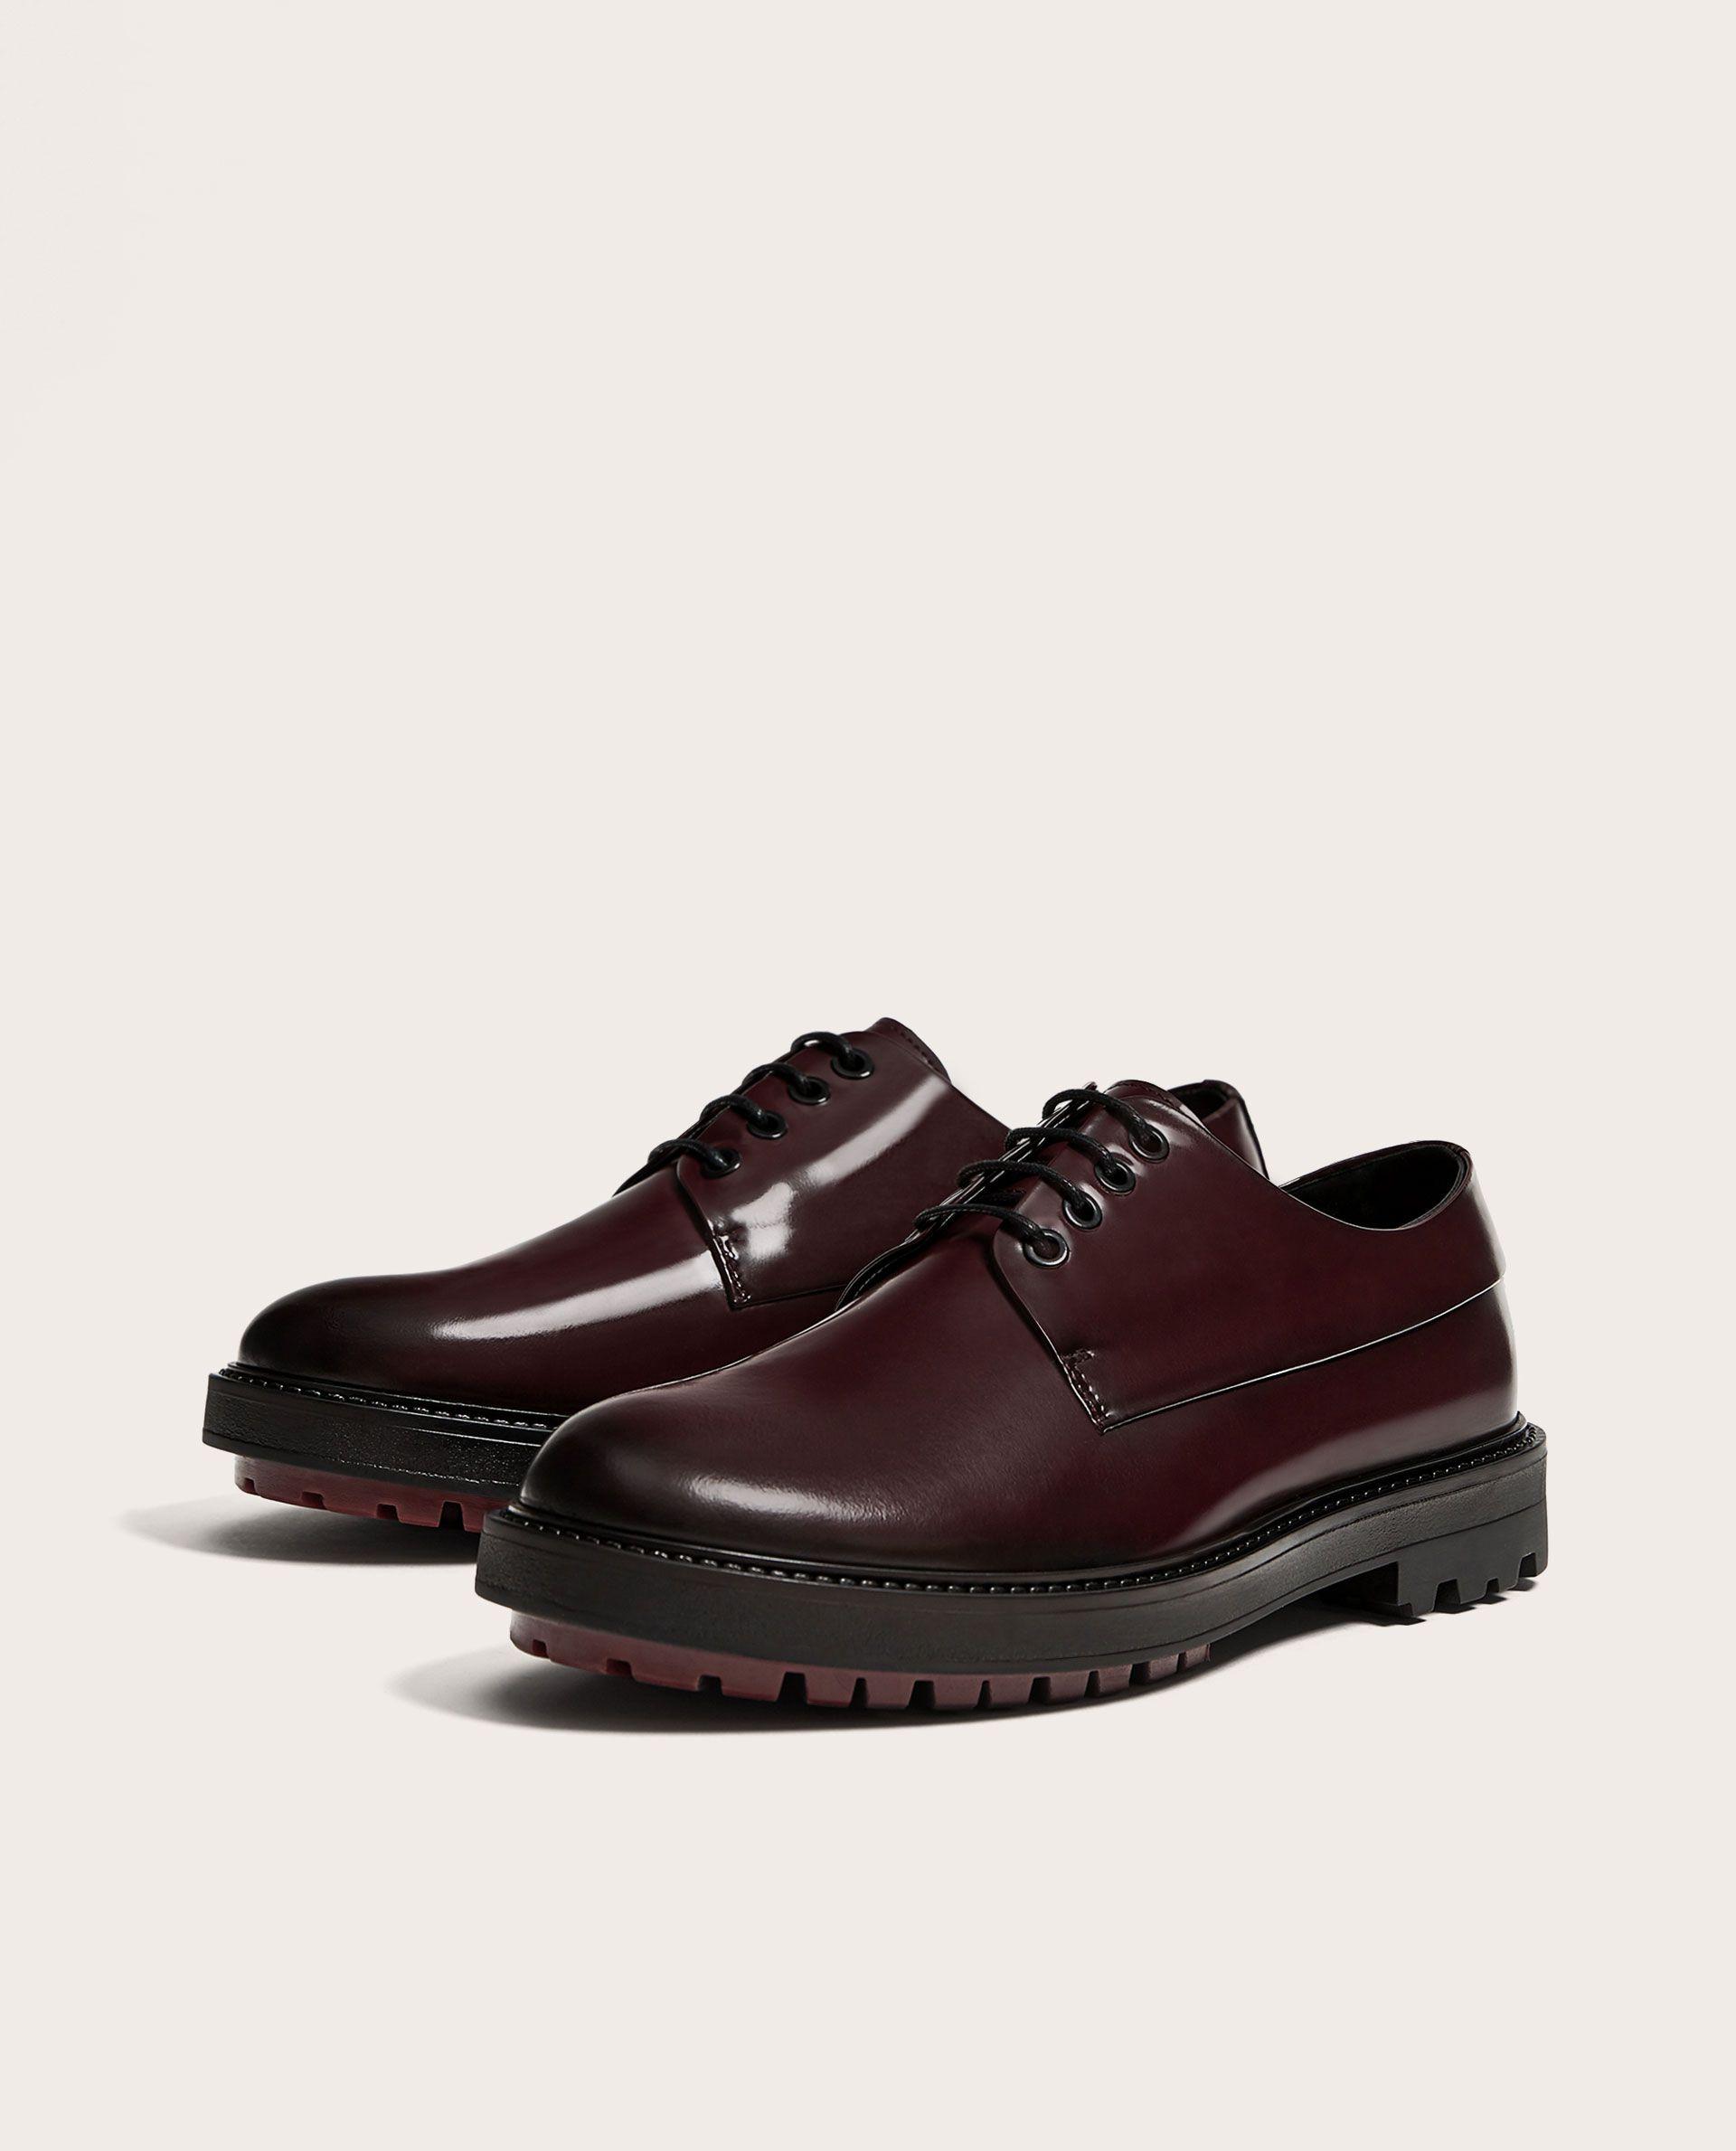 ZAPATO PIEL BURDEOS | Burgundy shoes, Blue leather shoes